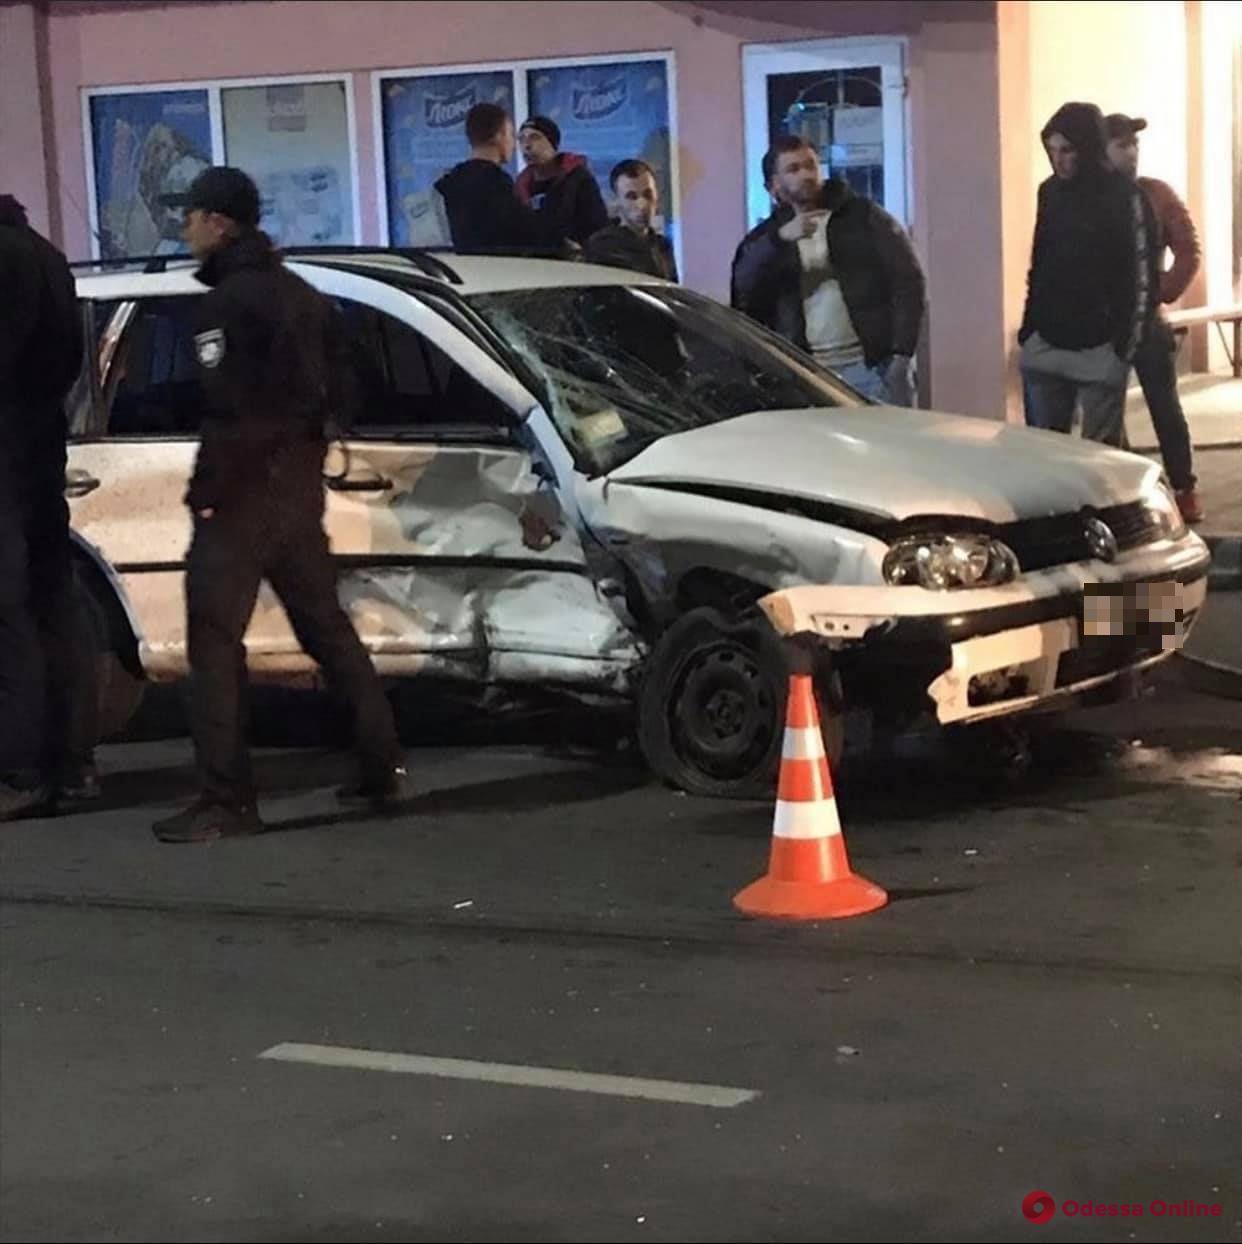 В Измаиле пьяный водитель устроил смертельное ДТП (фото, видео, обновлено)